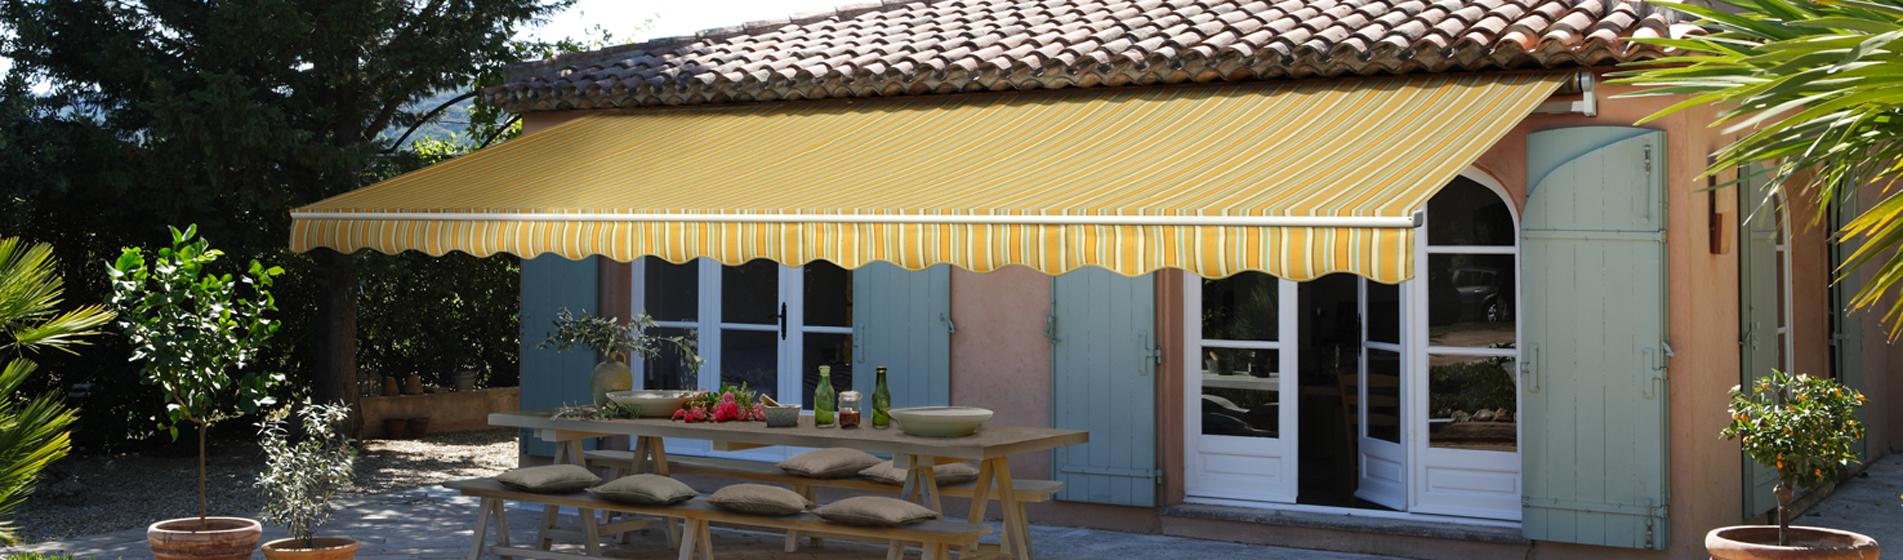 acheter store banne jardin 30 Gard